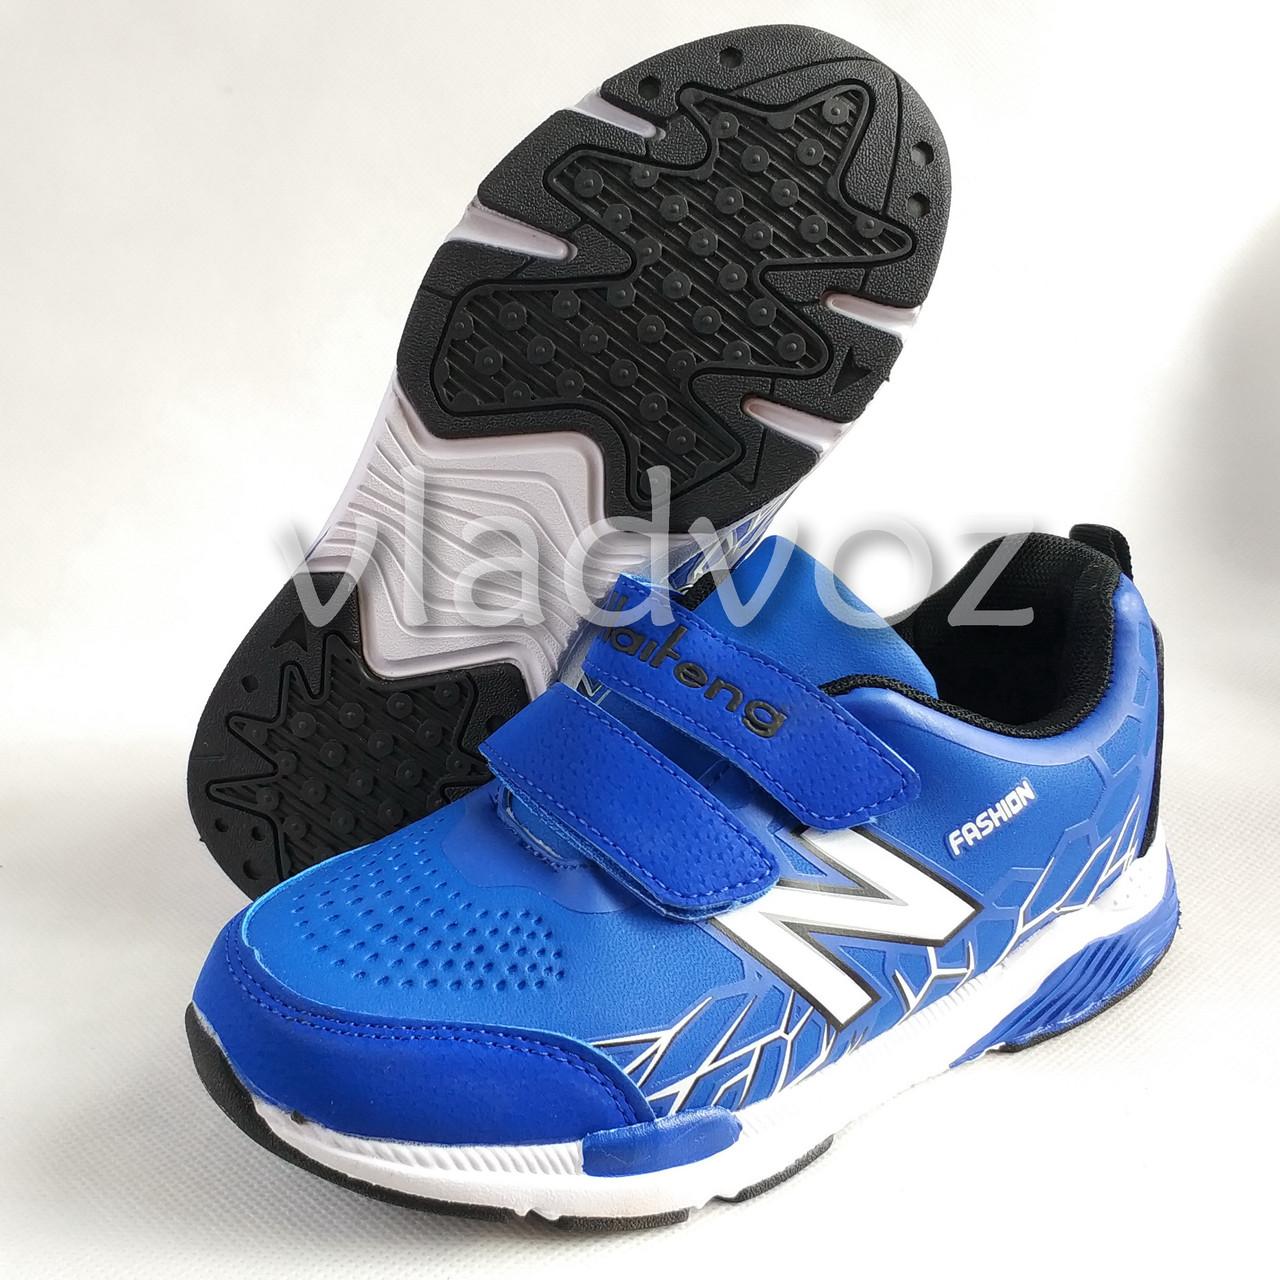 Кроссовки для мальчика синяя модель Z Kelaifeng